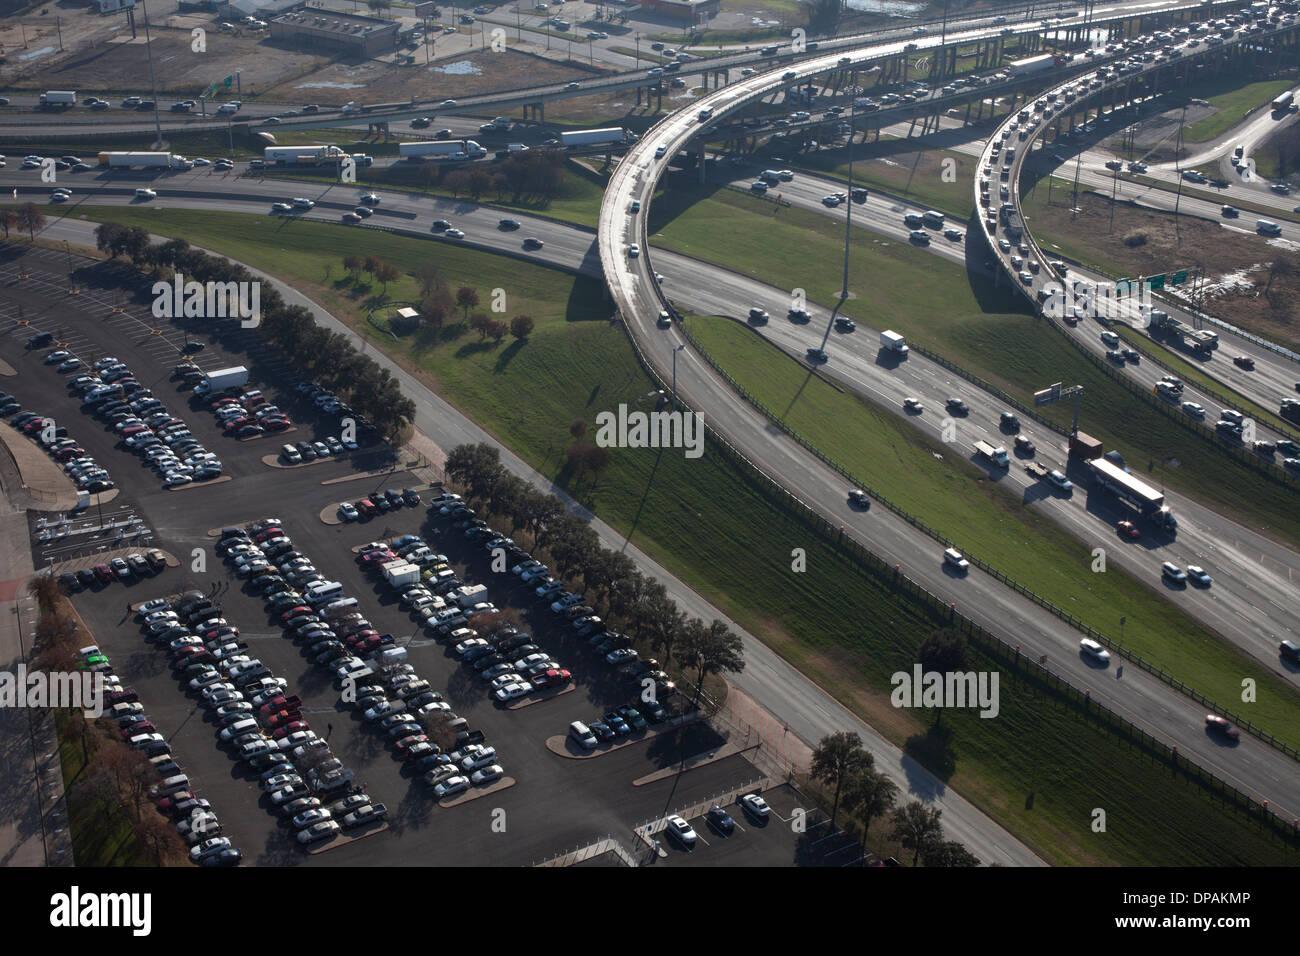 Les routes de Dallas, Texas, United States, 12 décembre 2013. Photo Stock